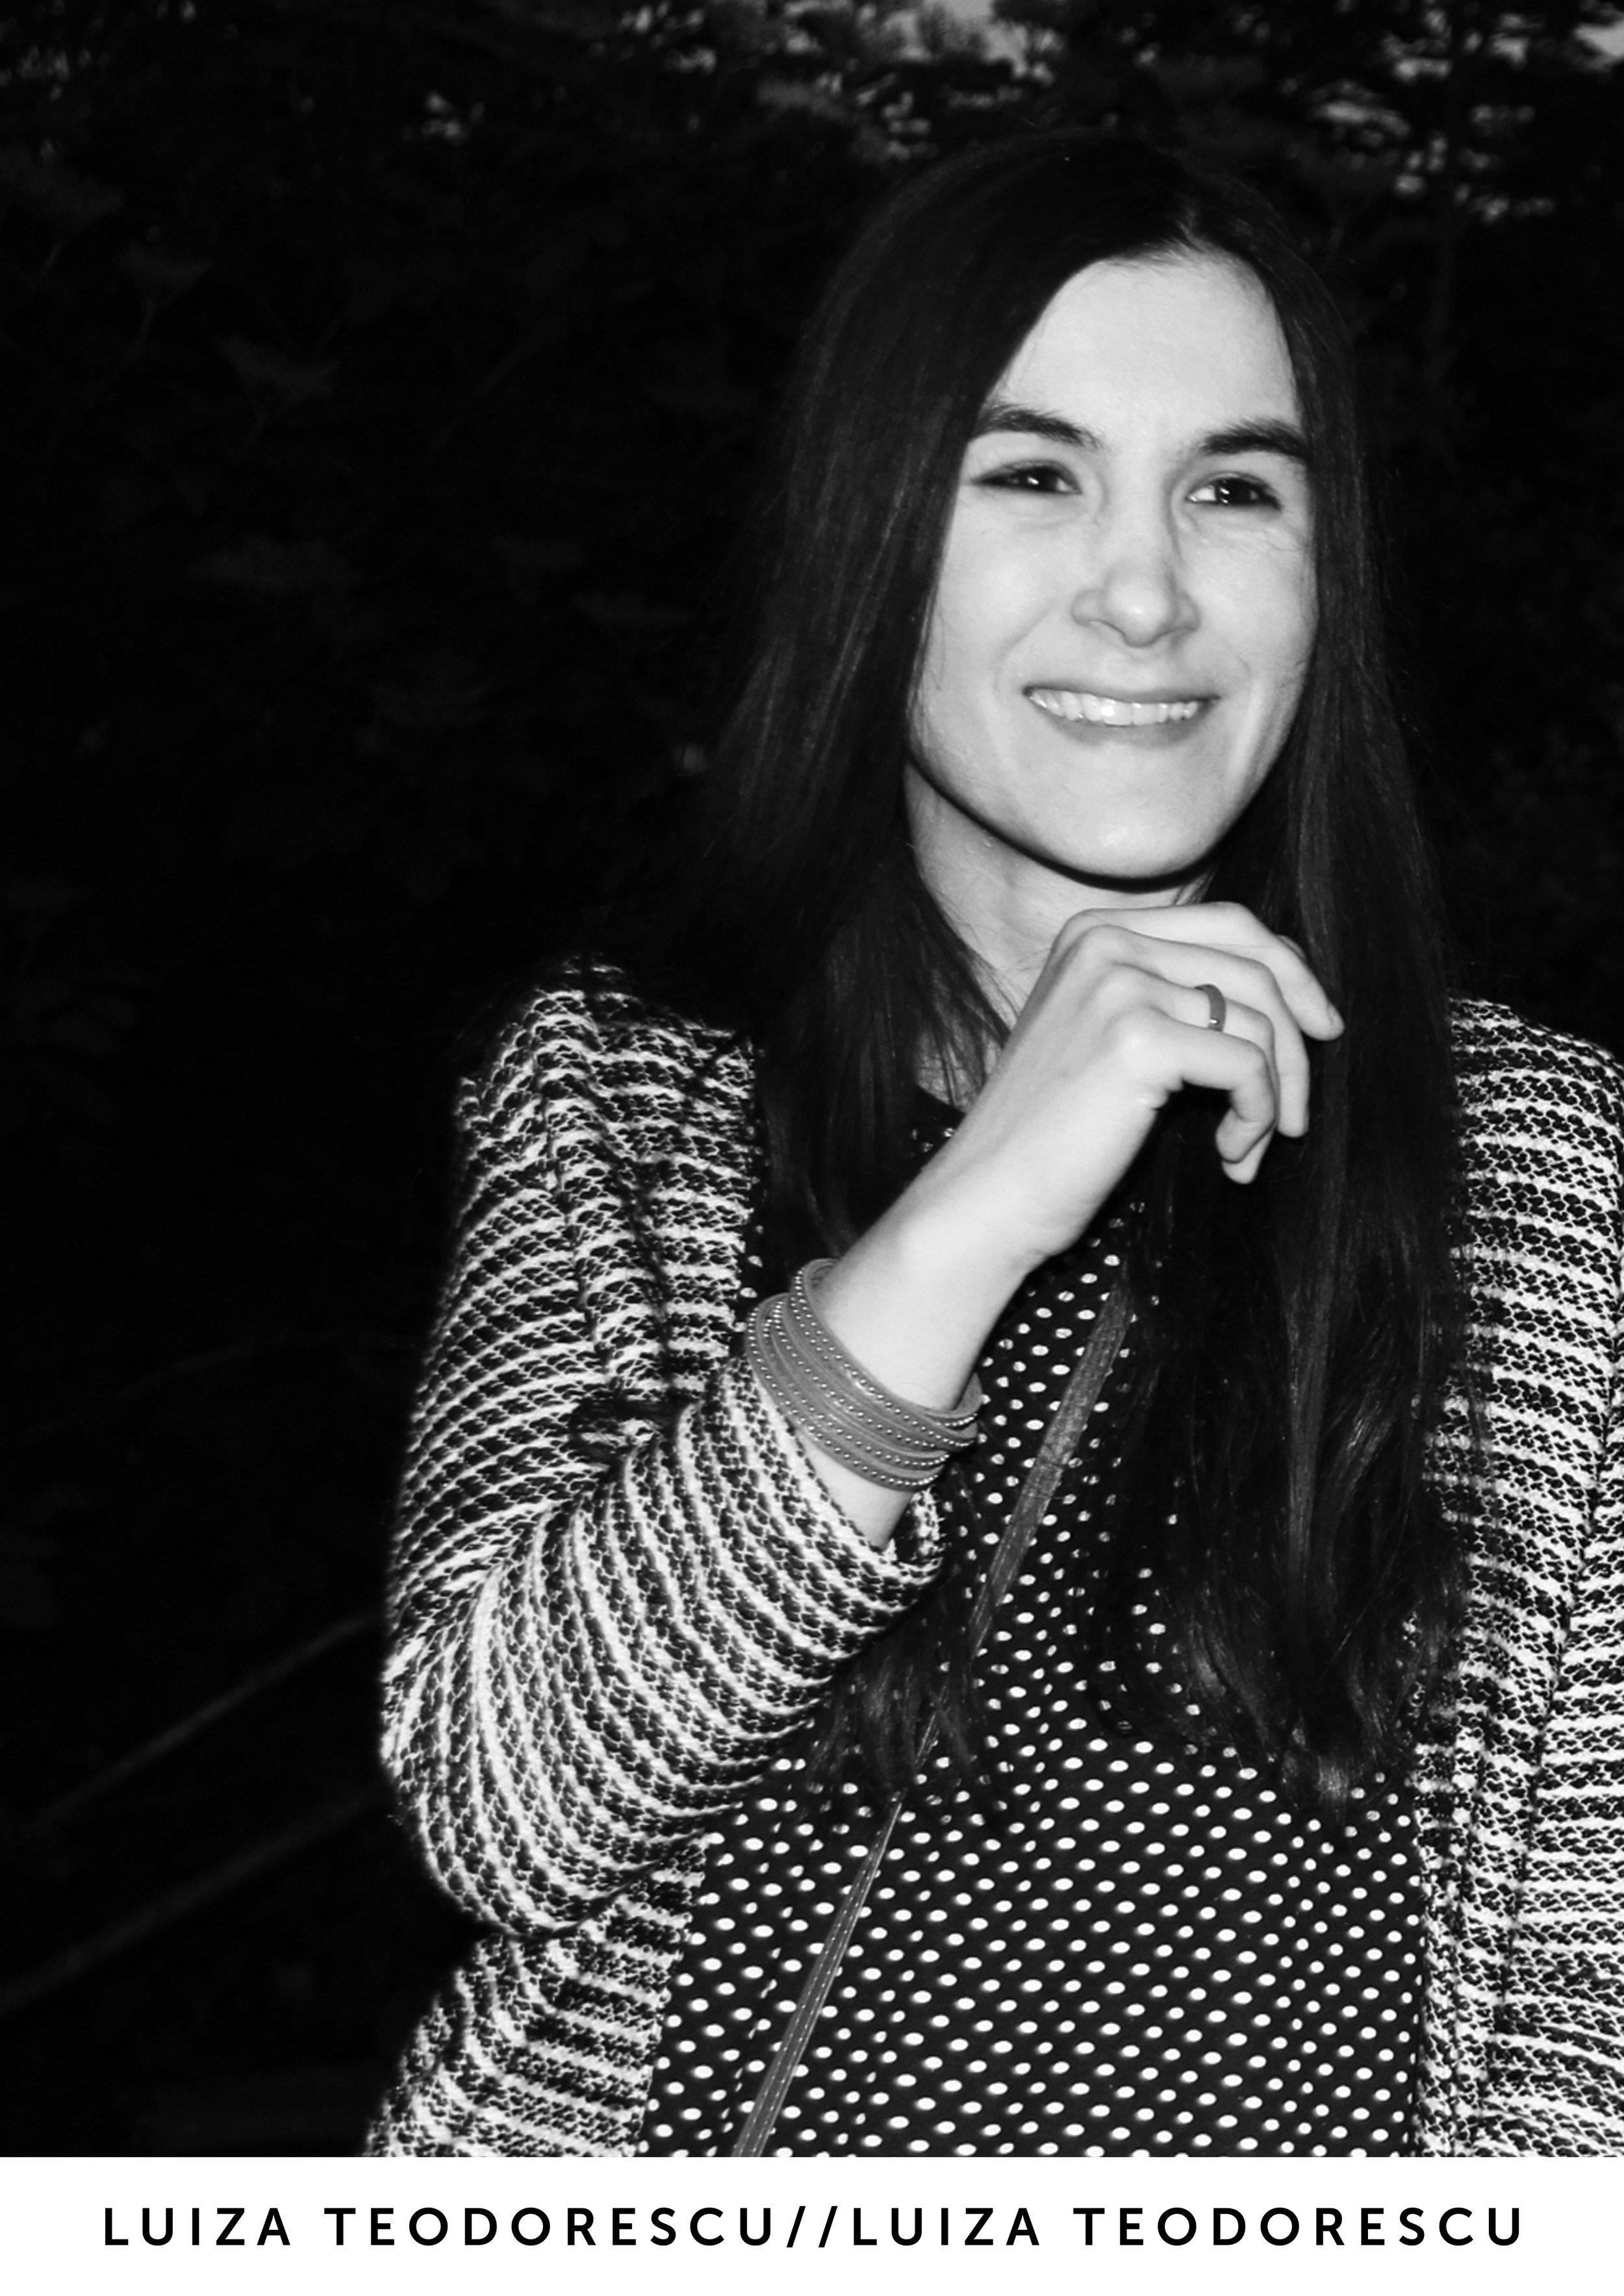 Luiza Teodorescu